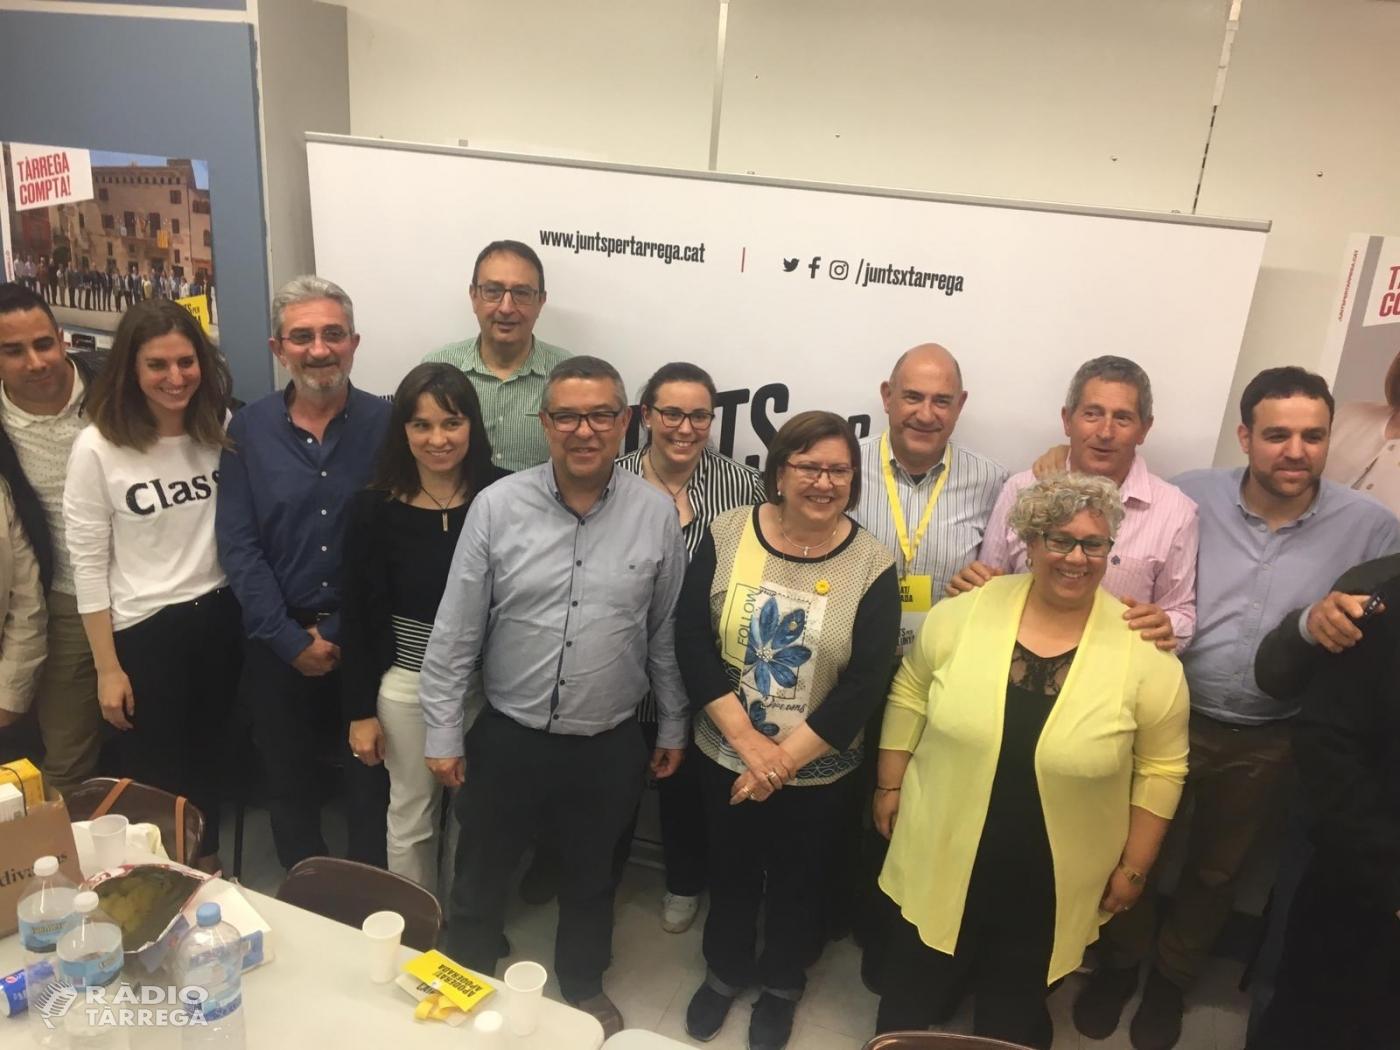 Junts per Tàrrega, amb Rosa Maria Perelló al capdavant, torna a guanyar les eleccions Municipals a Tàrrega